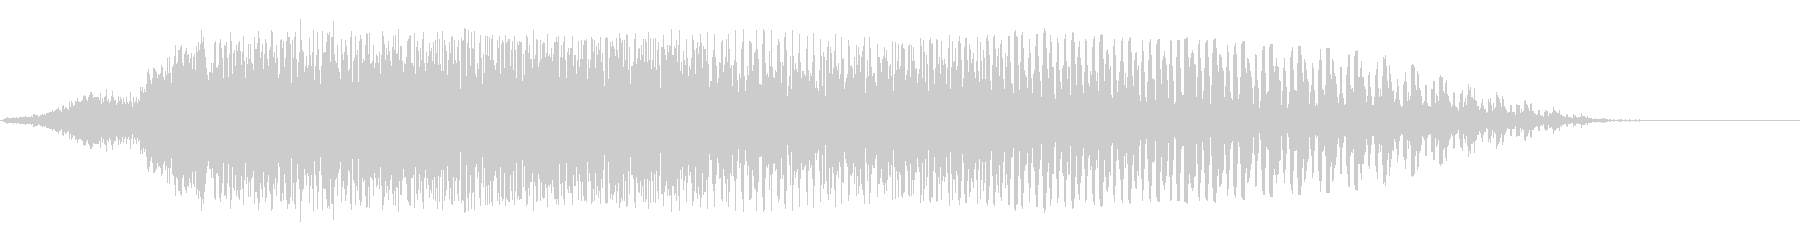 ブゥーーン(シンプルな飛行音)の未再生の波形